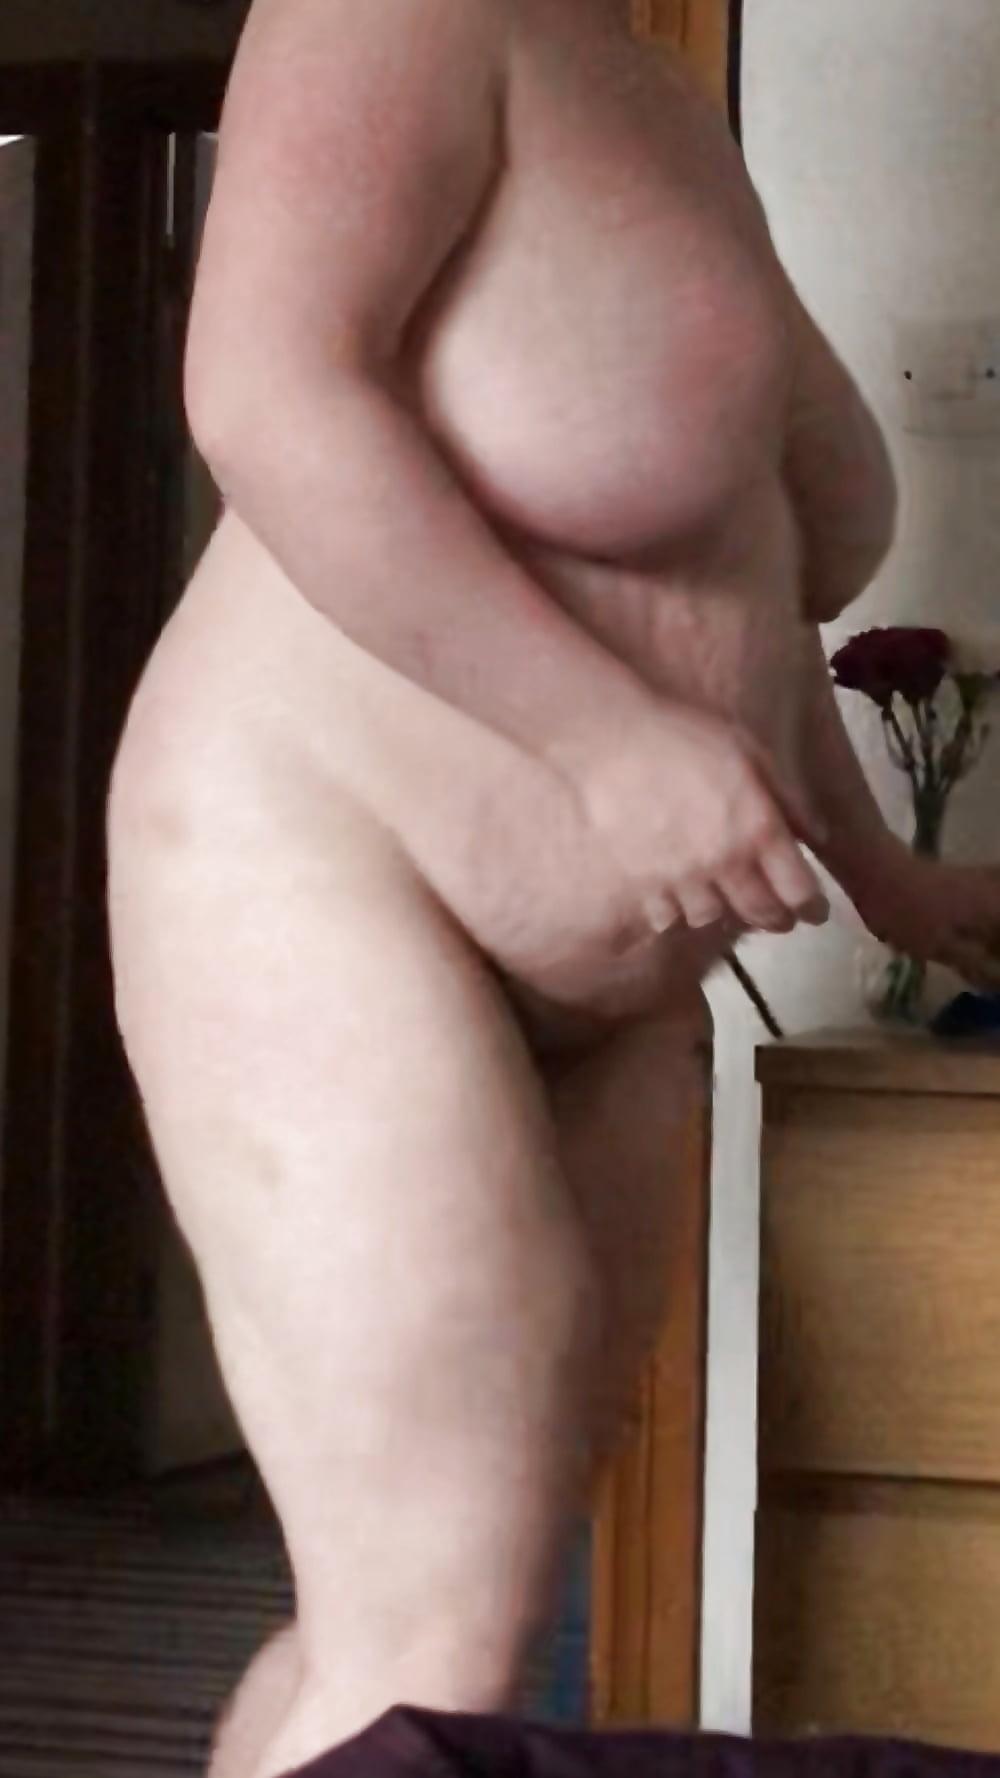 Hot naked tits pics-1224